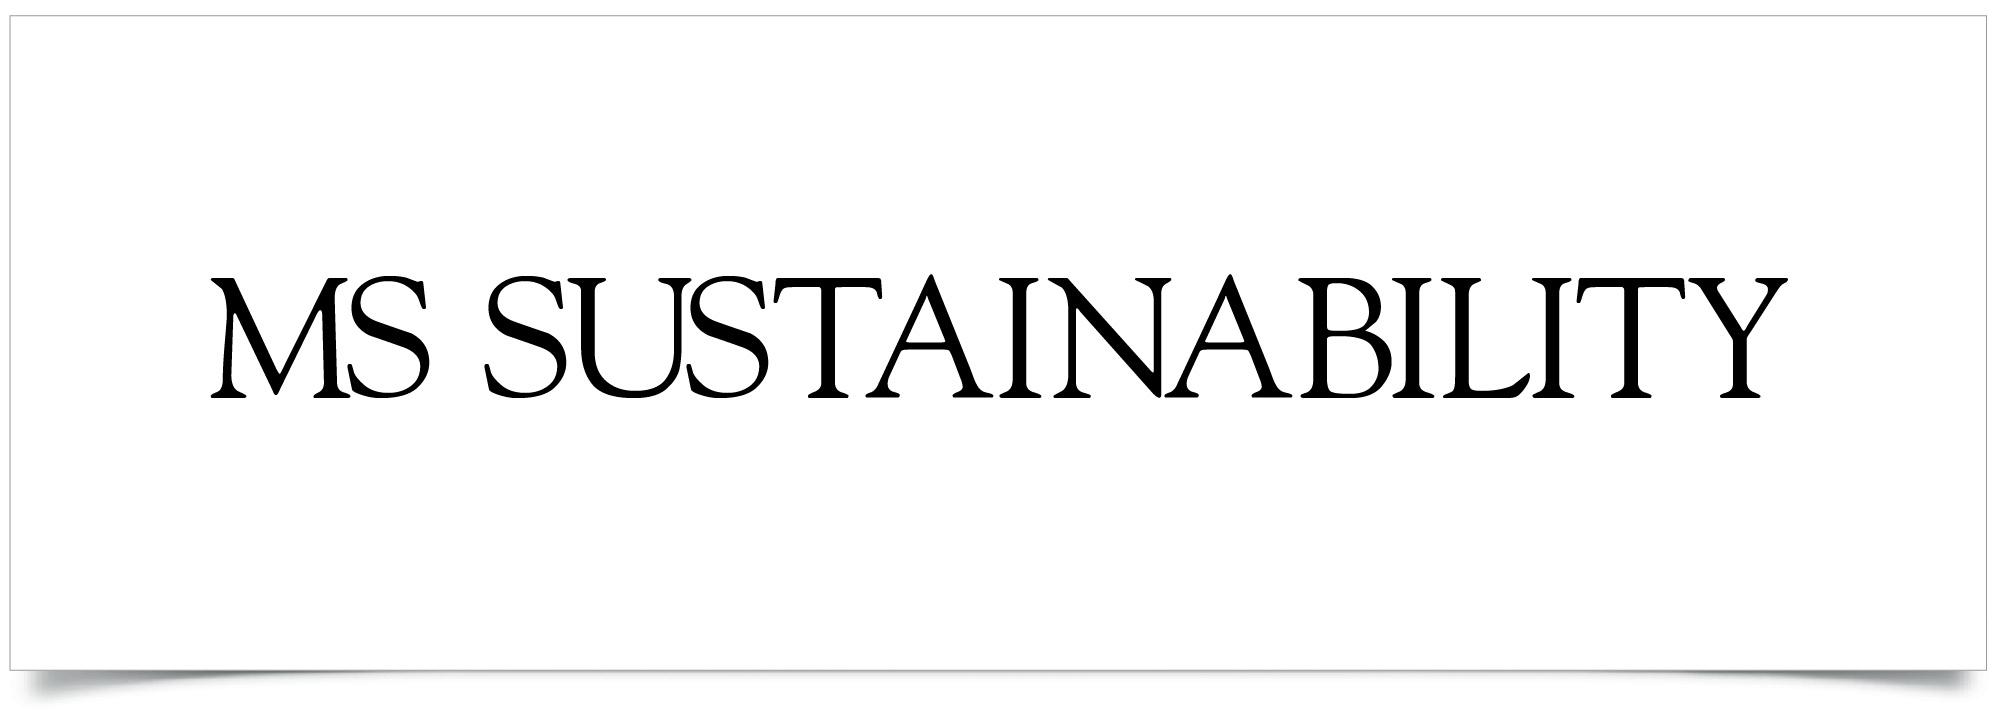 Sustanaibilty-13.jpg